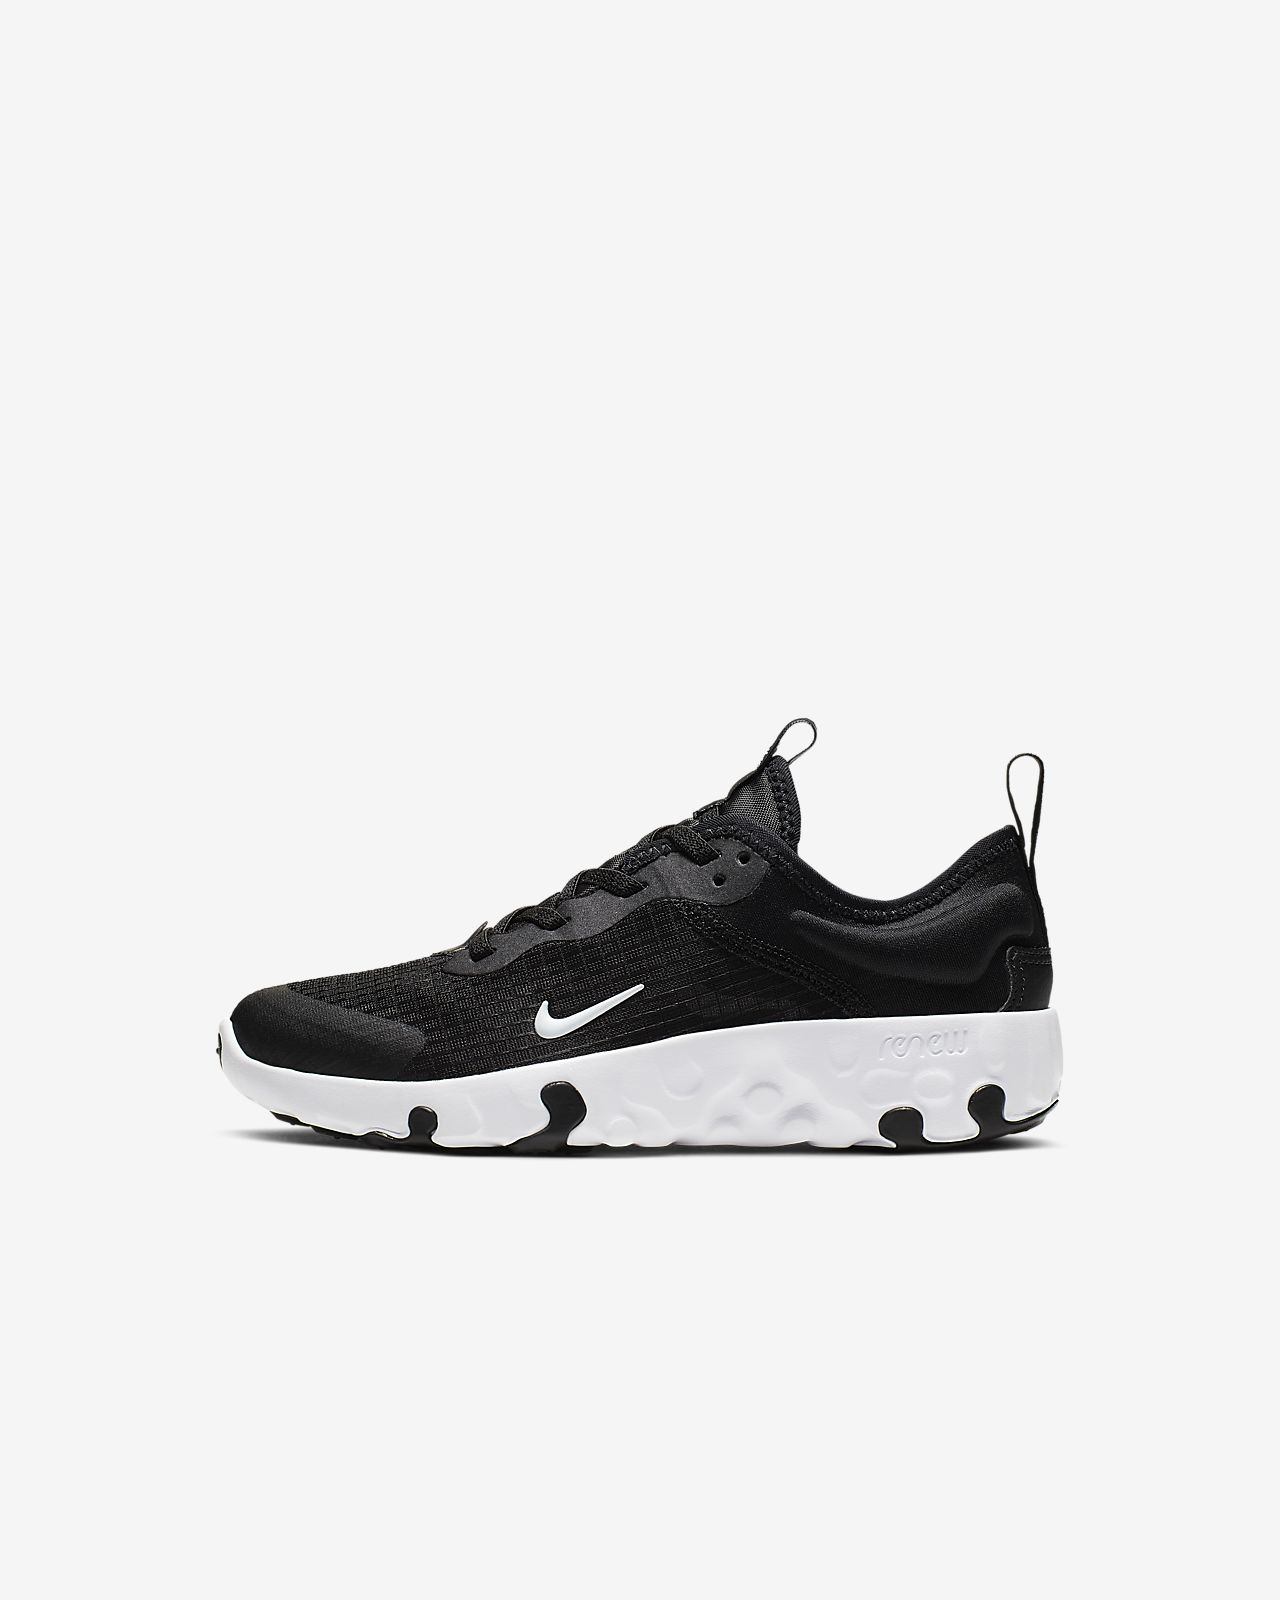 Calzado para niños talla pequeña Nike Renew Lucent